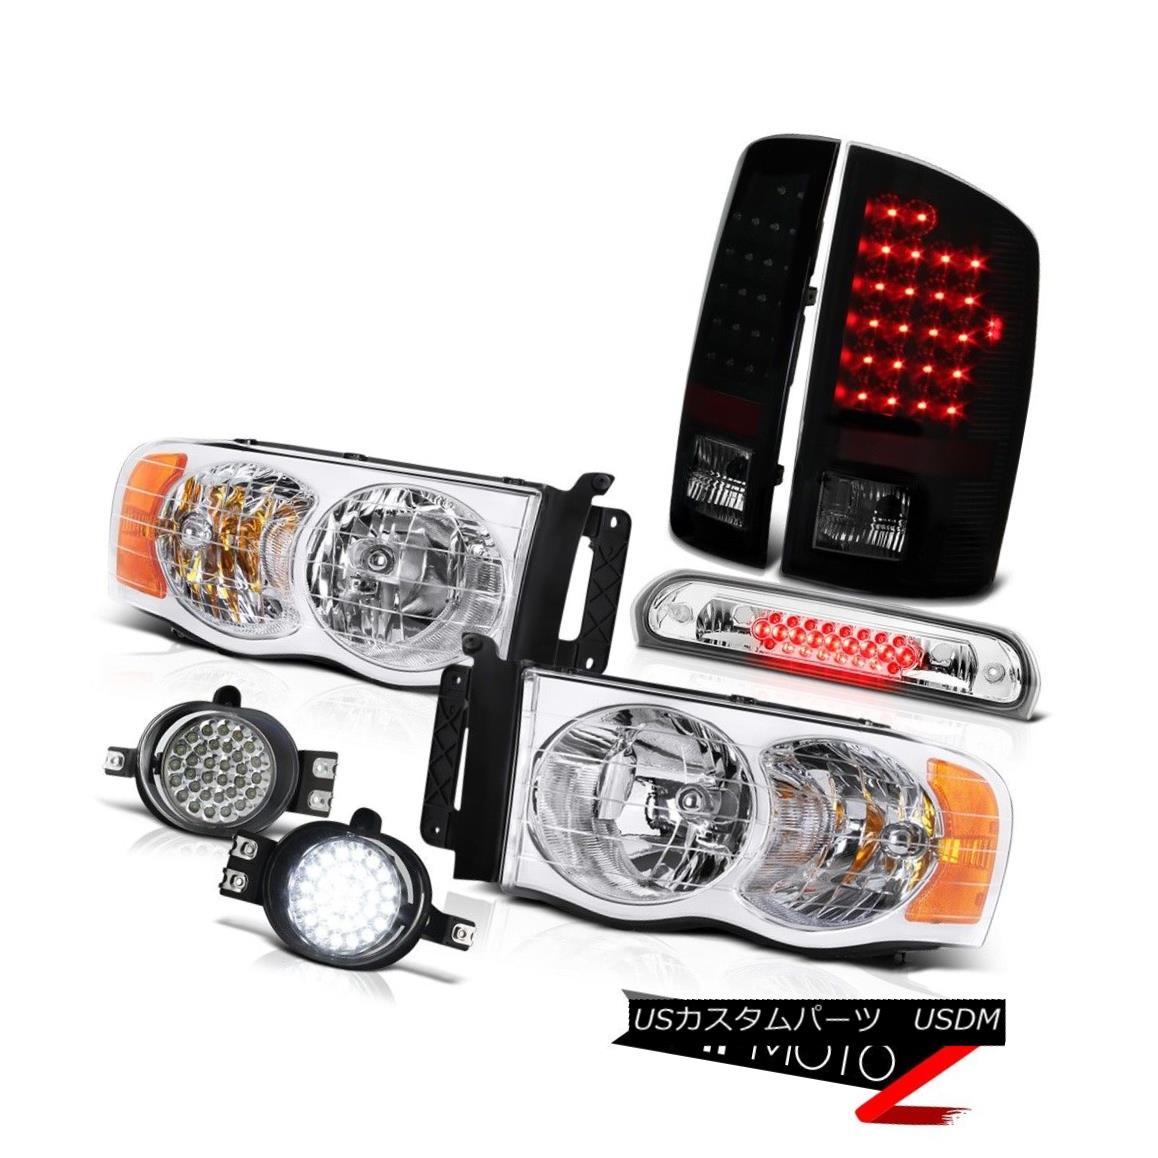 テールライト 02 03 04 05 Ram V6 L+R Headlights Bright LED Taillamps SMD Foglights Roof Brake 02 03 04 05 Ram V6 L + Rヘッドライト明るいLEDタイルランプSMDフォグライト屋根ブレーキ